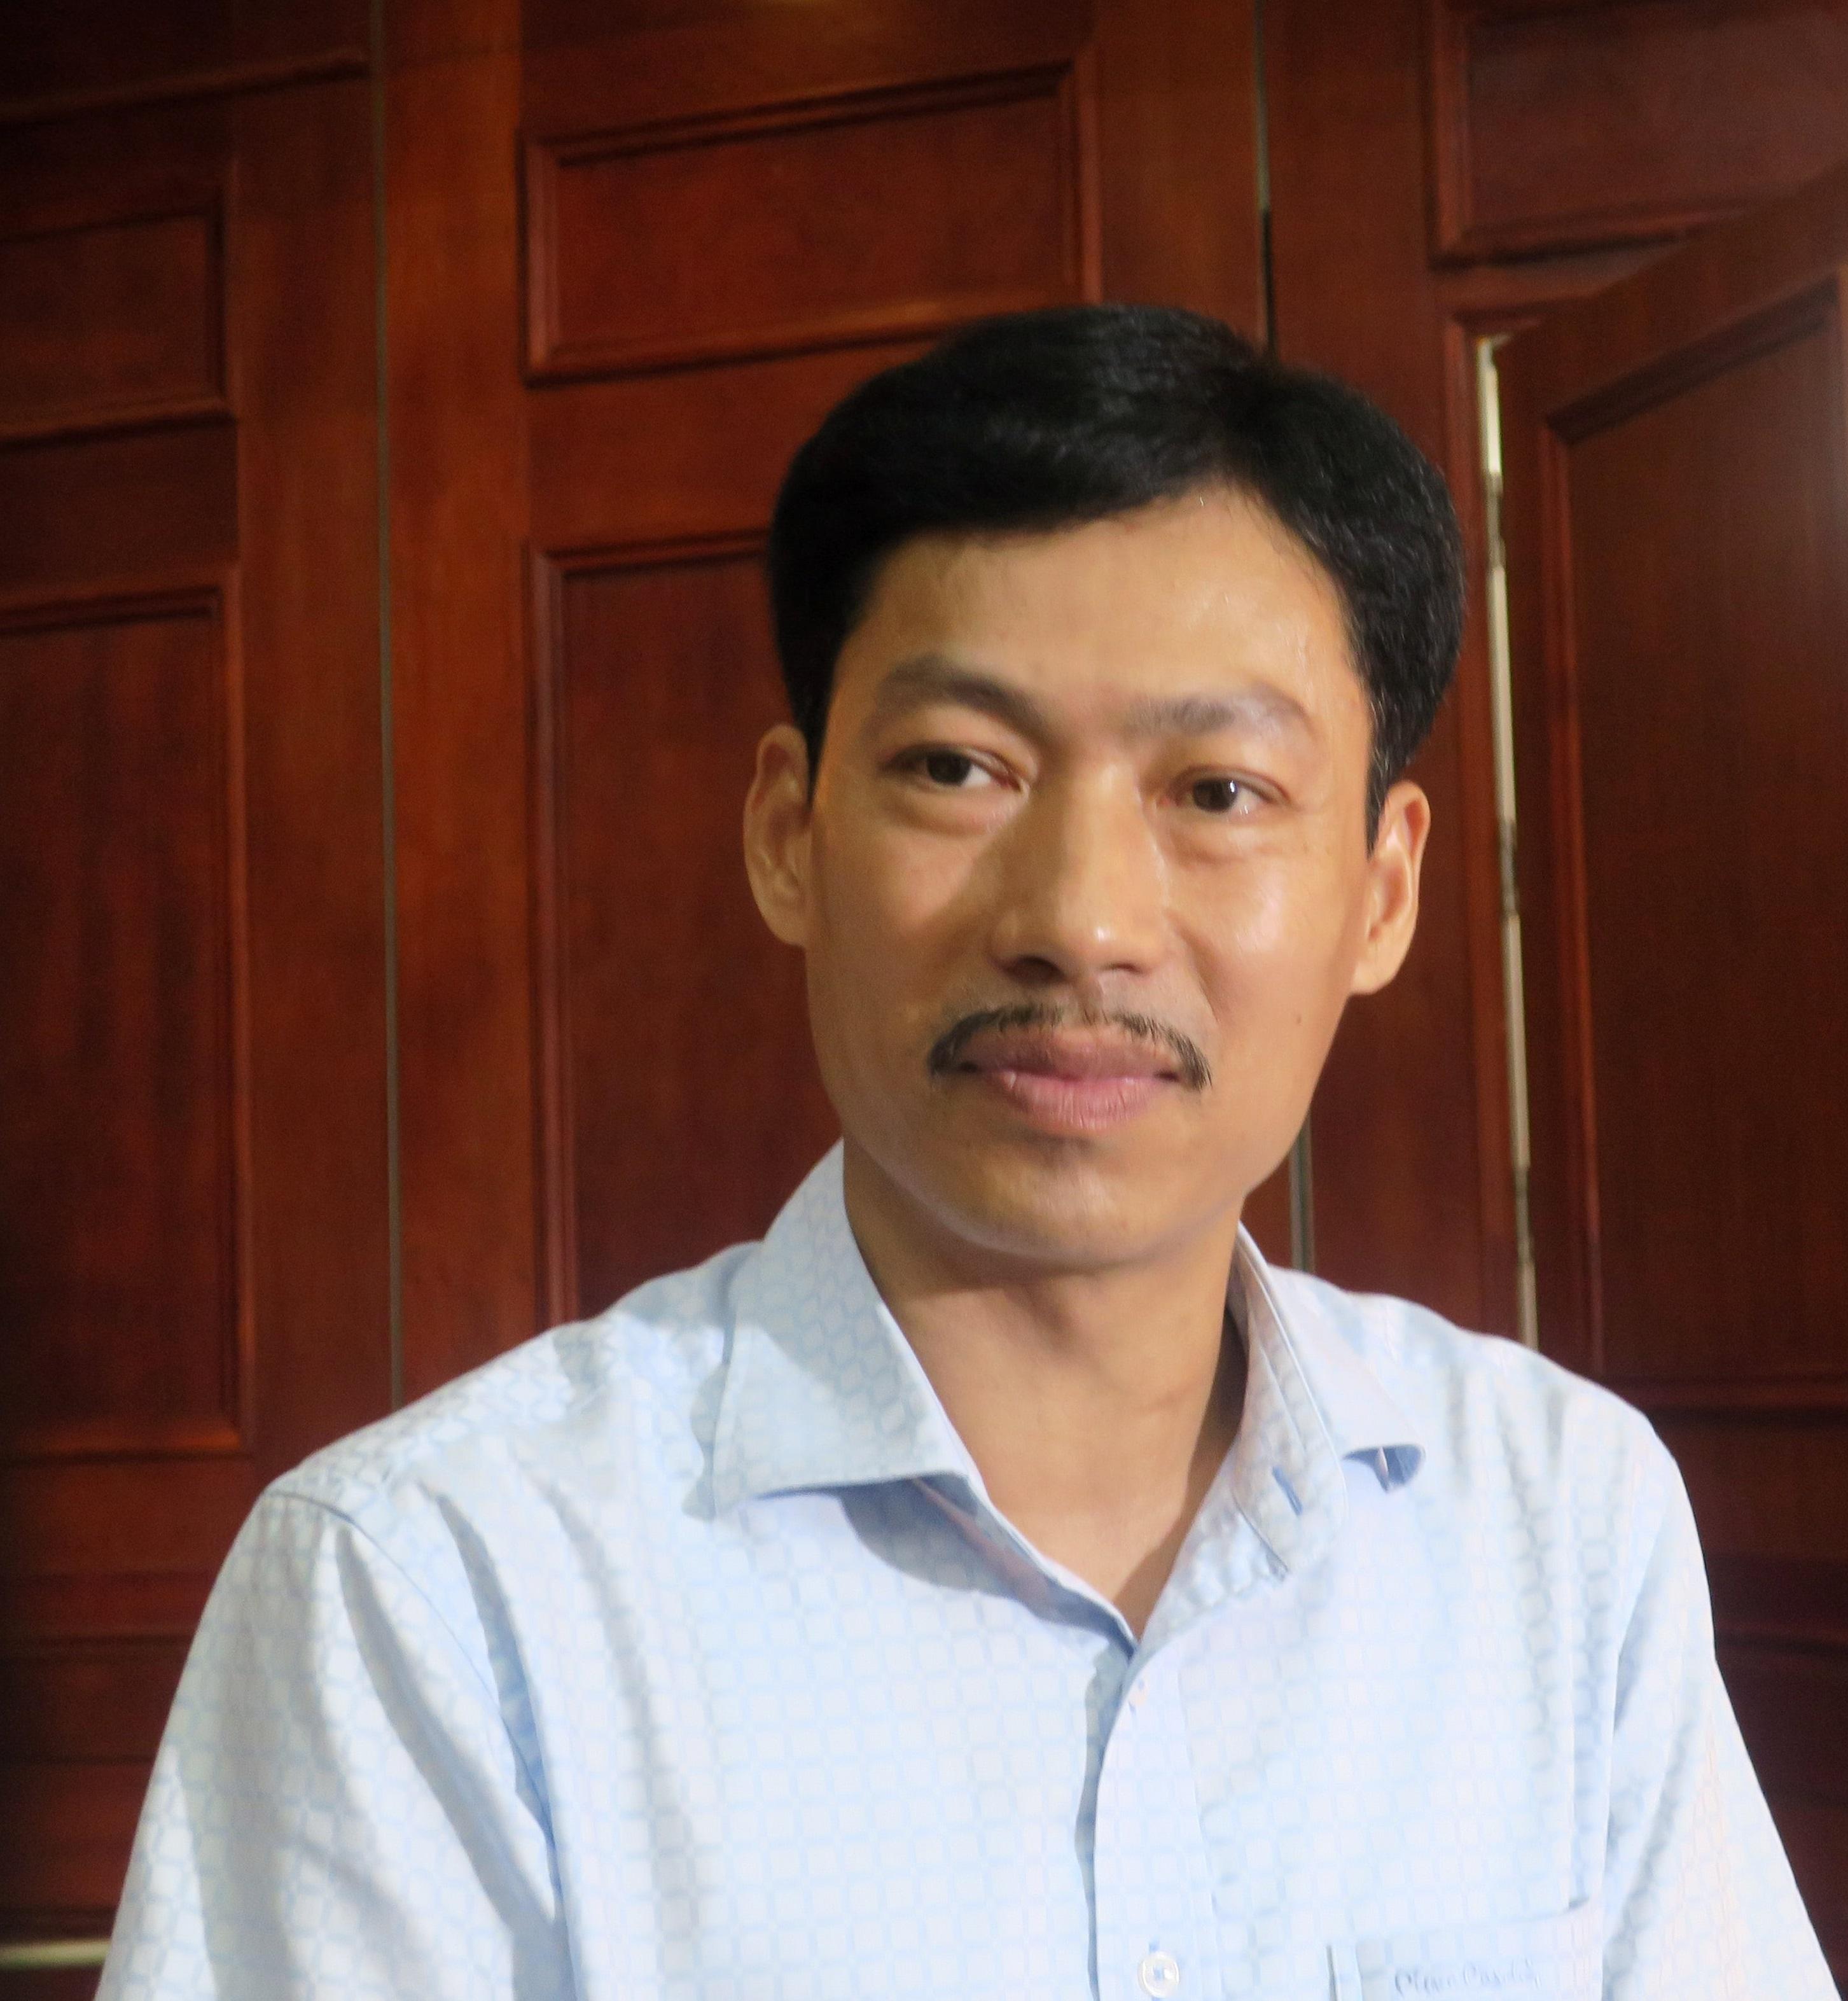 PGS.TS. Lê Xuân Trường, Trưởng Khoa Thuế và Hải quan, Học viện Tài chính.